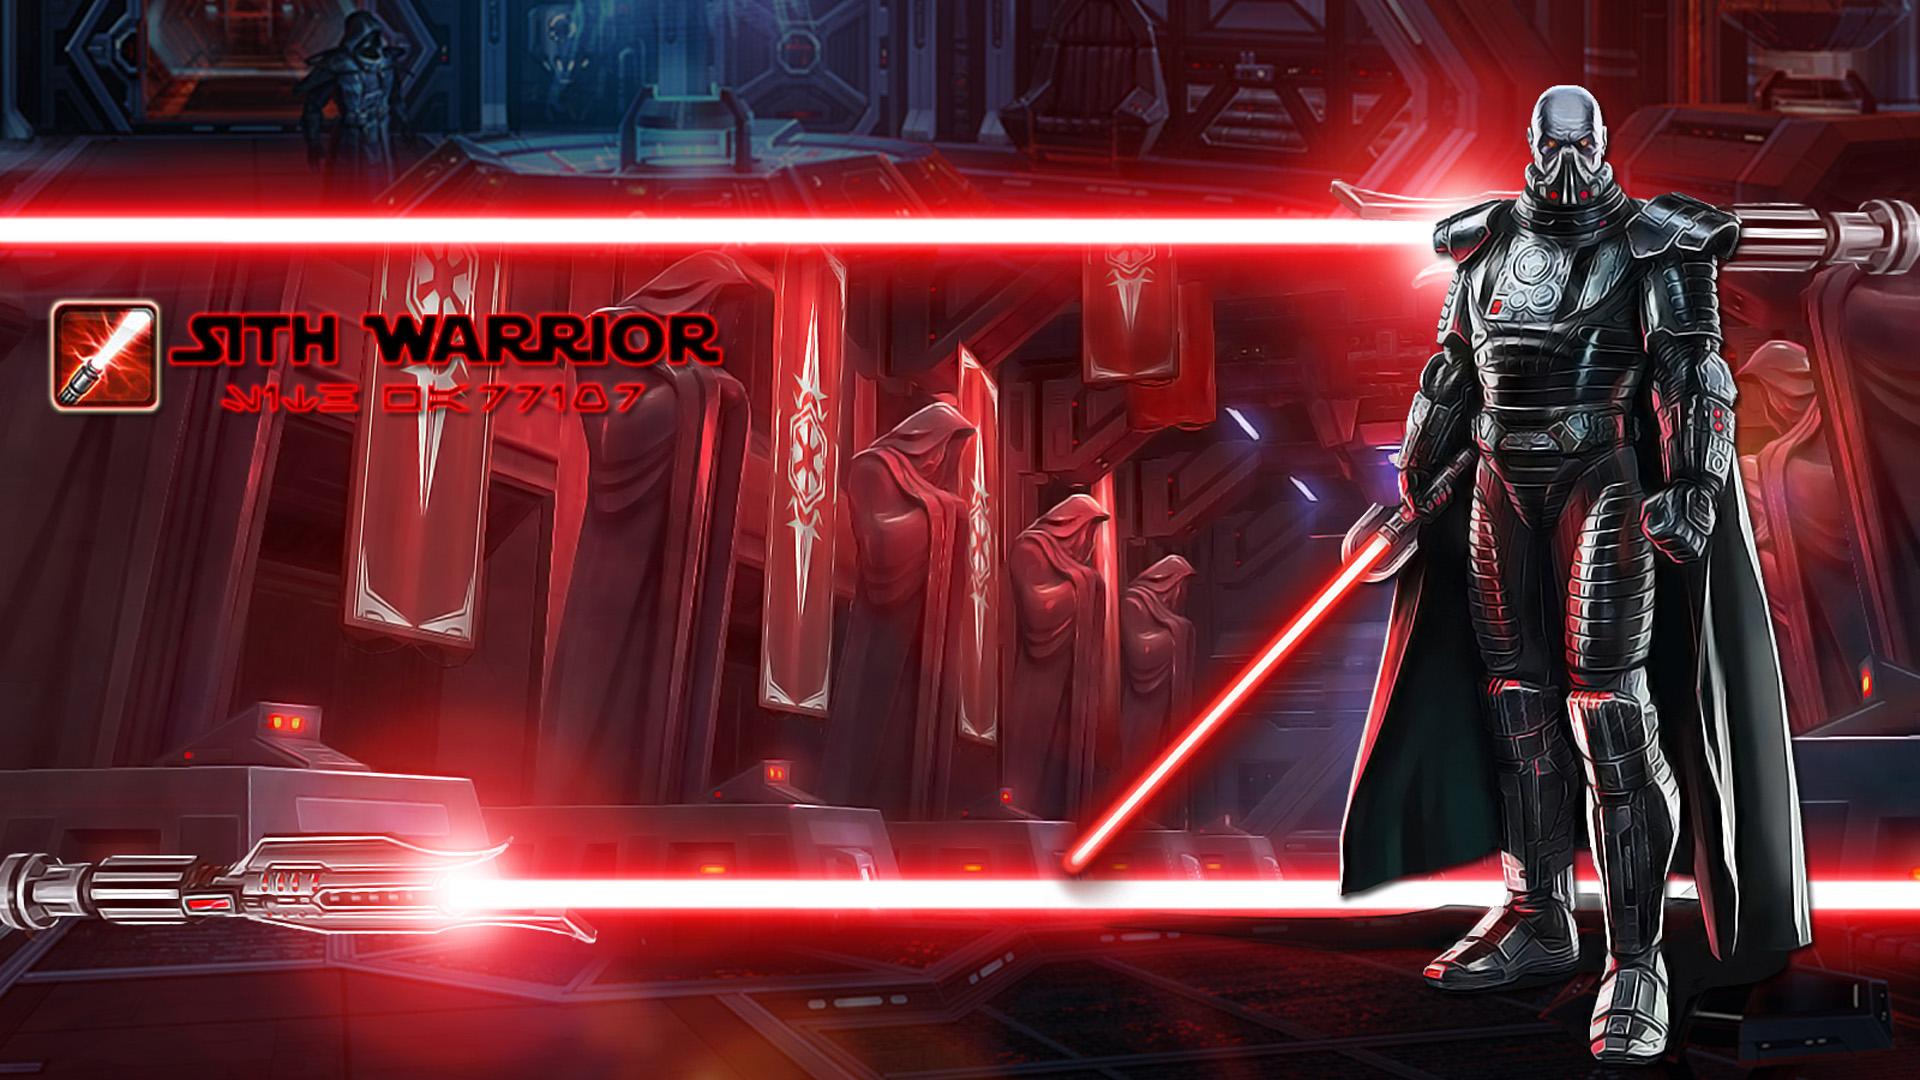 Sith Warrior Lasersaber wallpaper